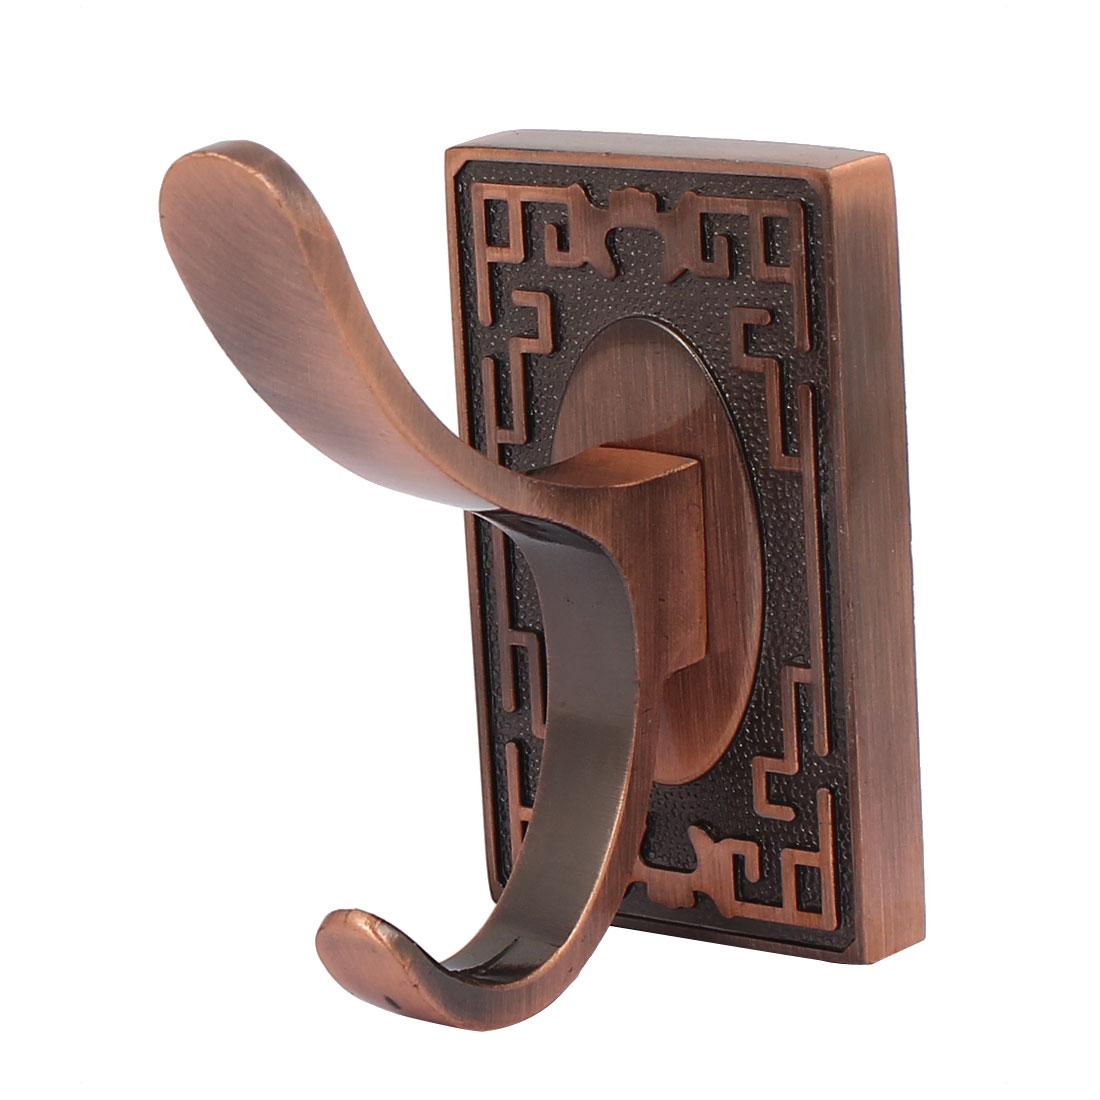 Bathroom Door Metal Wall Mounted Double Robe Coat Hanger Hook Copper Tone